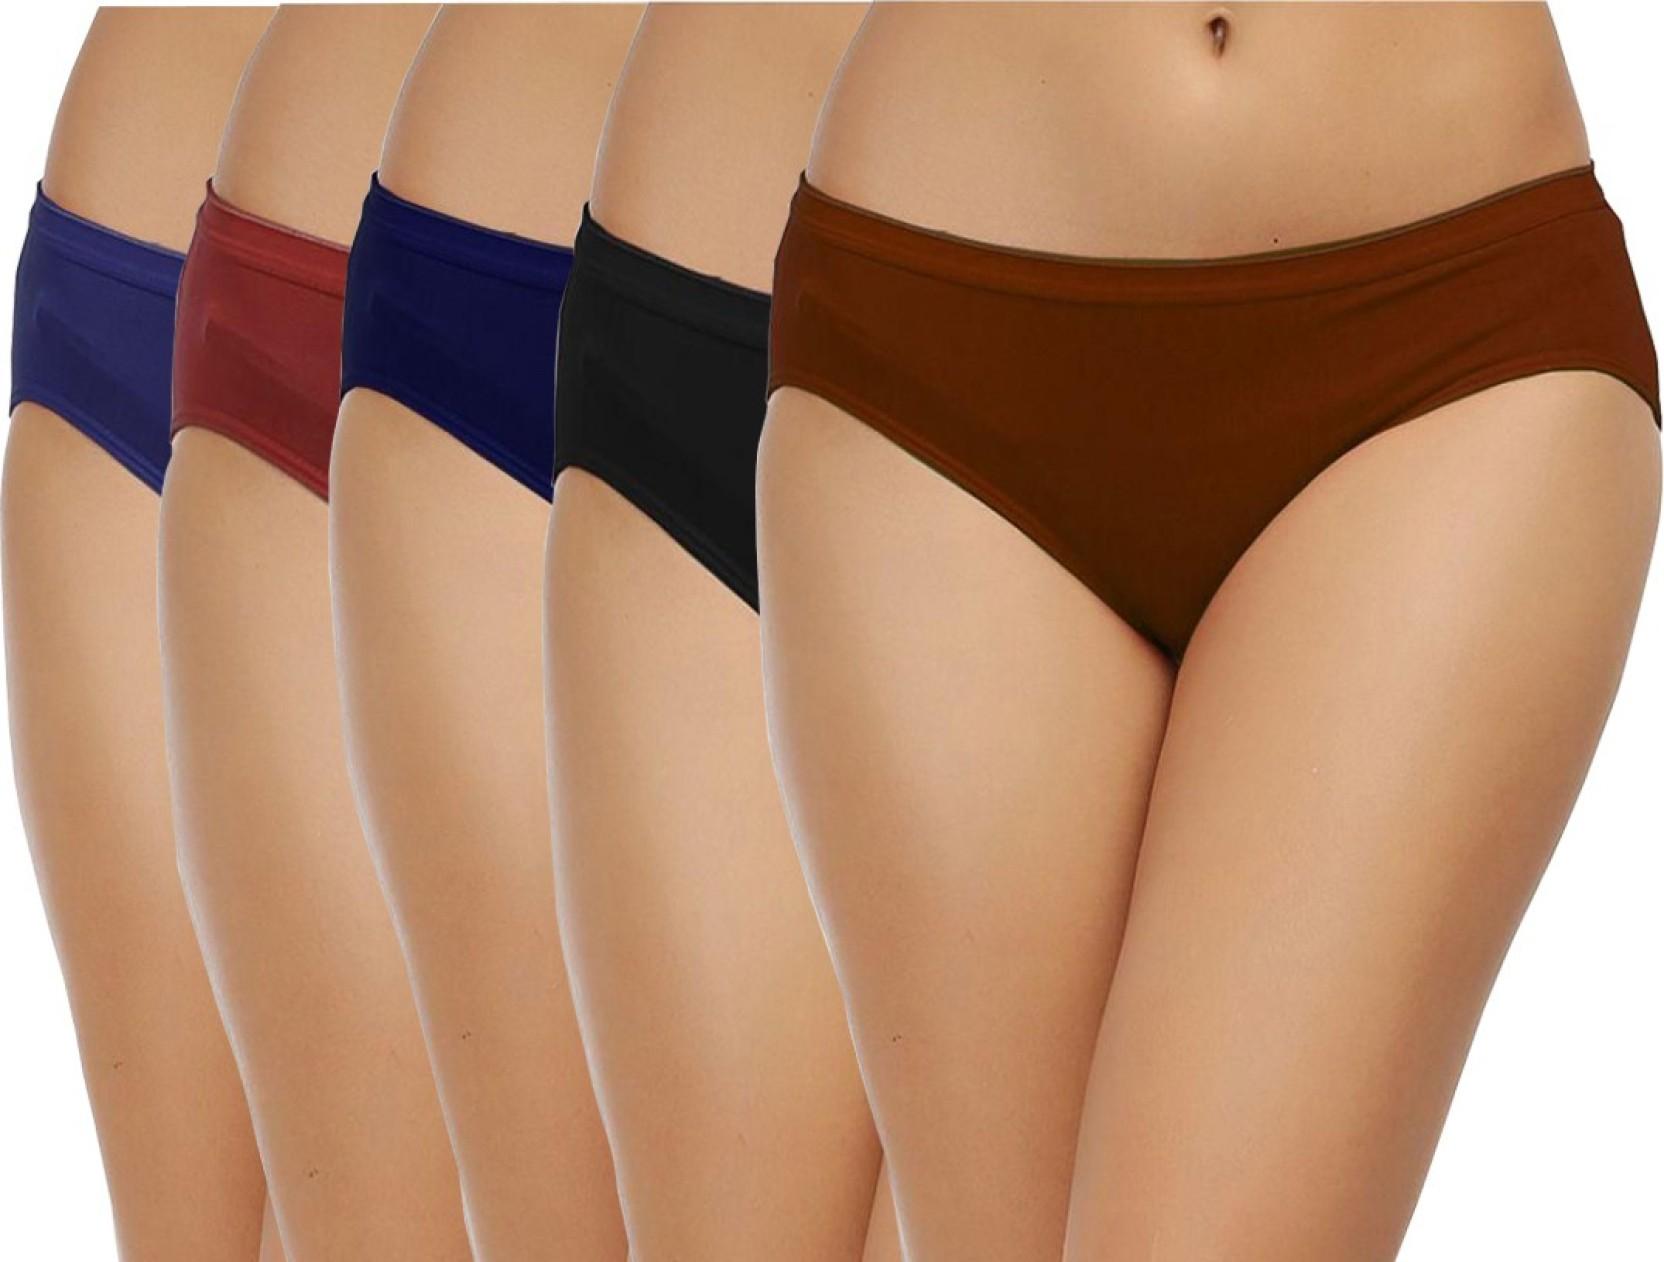 1c04c21613 Rupa Women Bikini Multicolor Panty - Buy Rupa Women Bikini ...